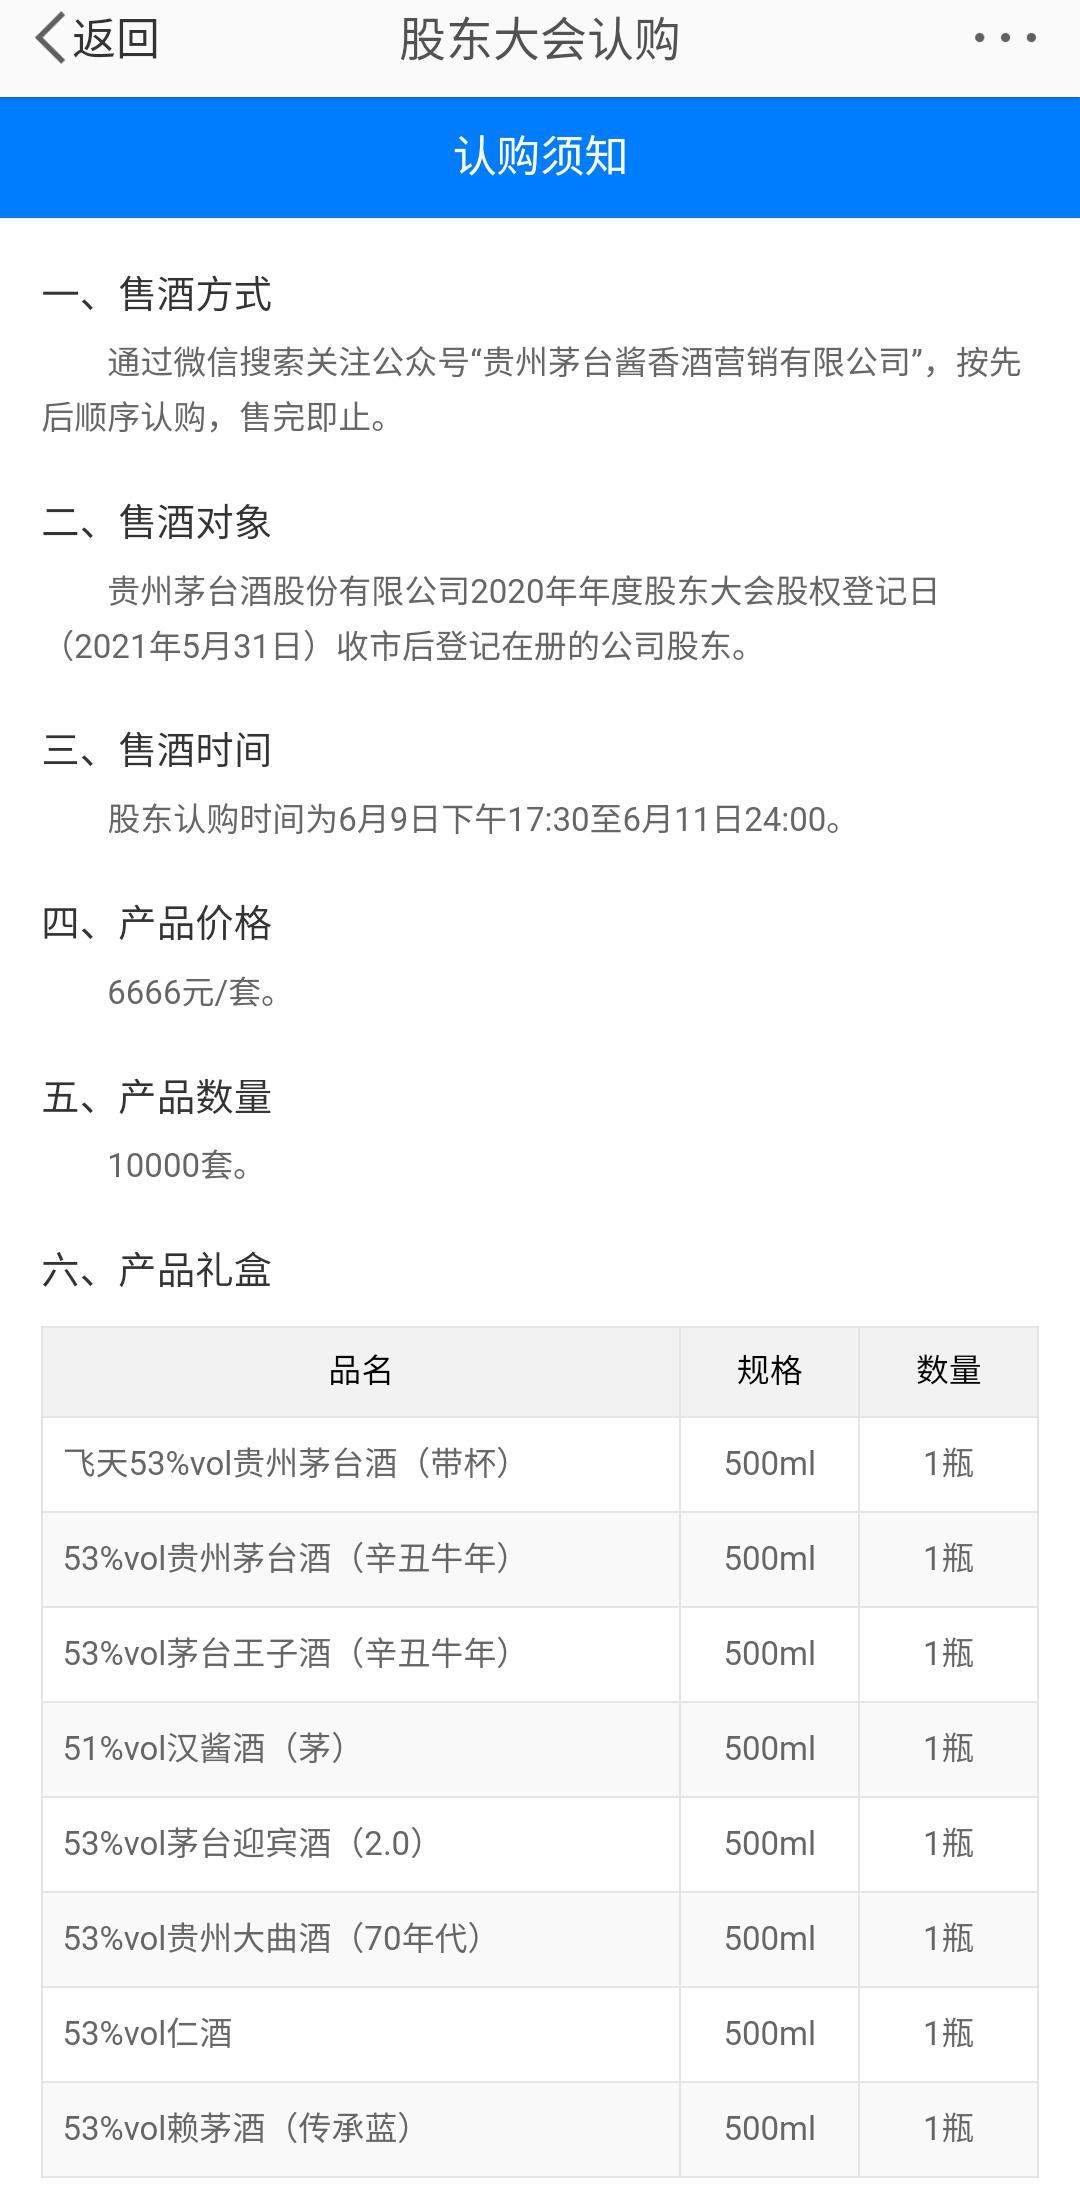 """茅台股东大会现场不再卖酒 知名""""茅粉""""但斌建议推出百家姓酒"""